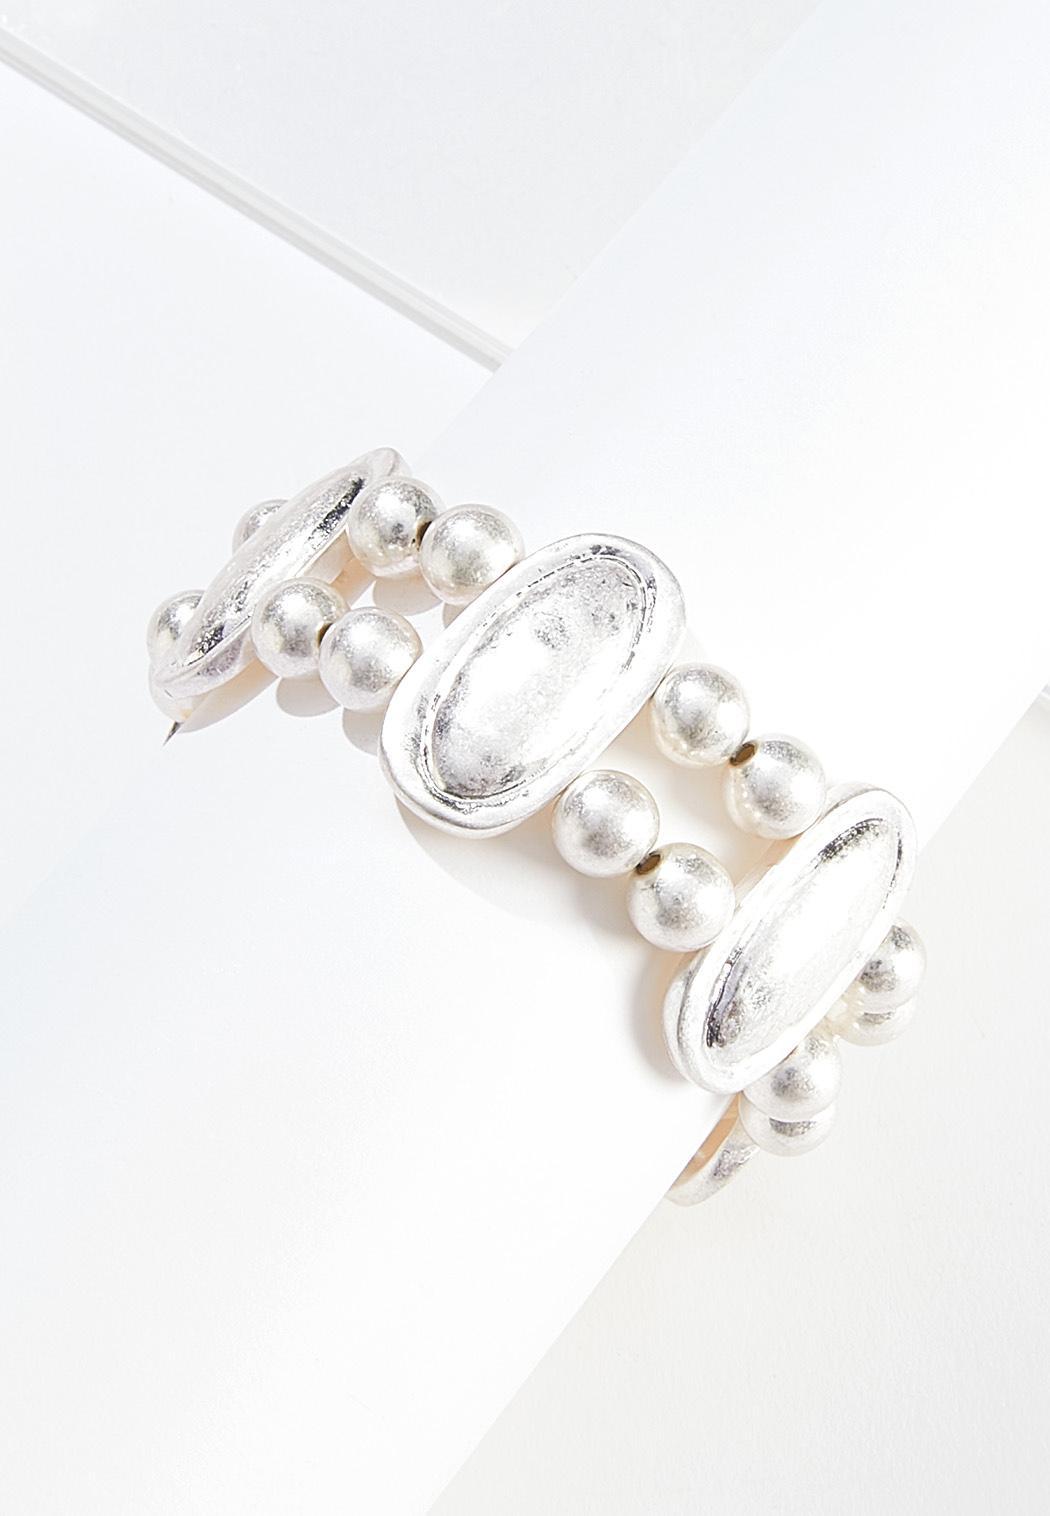 Double Row Silver Stretch Bracelet